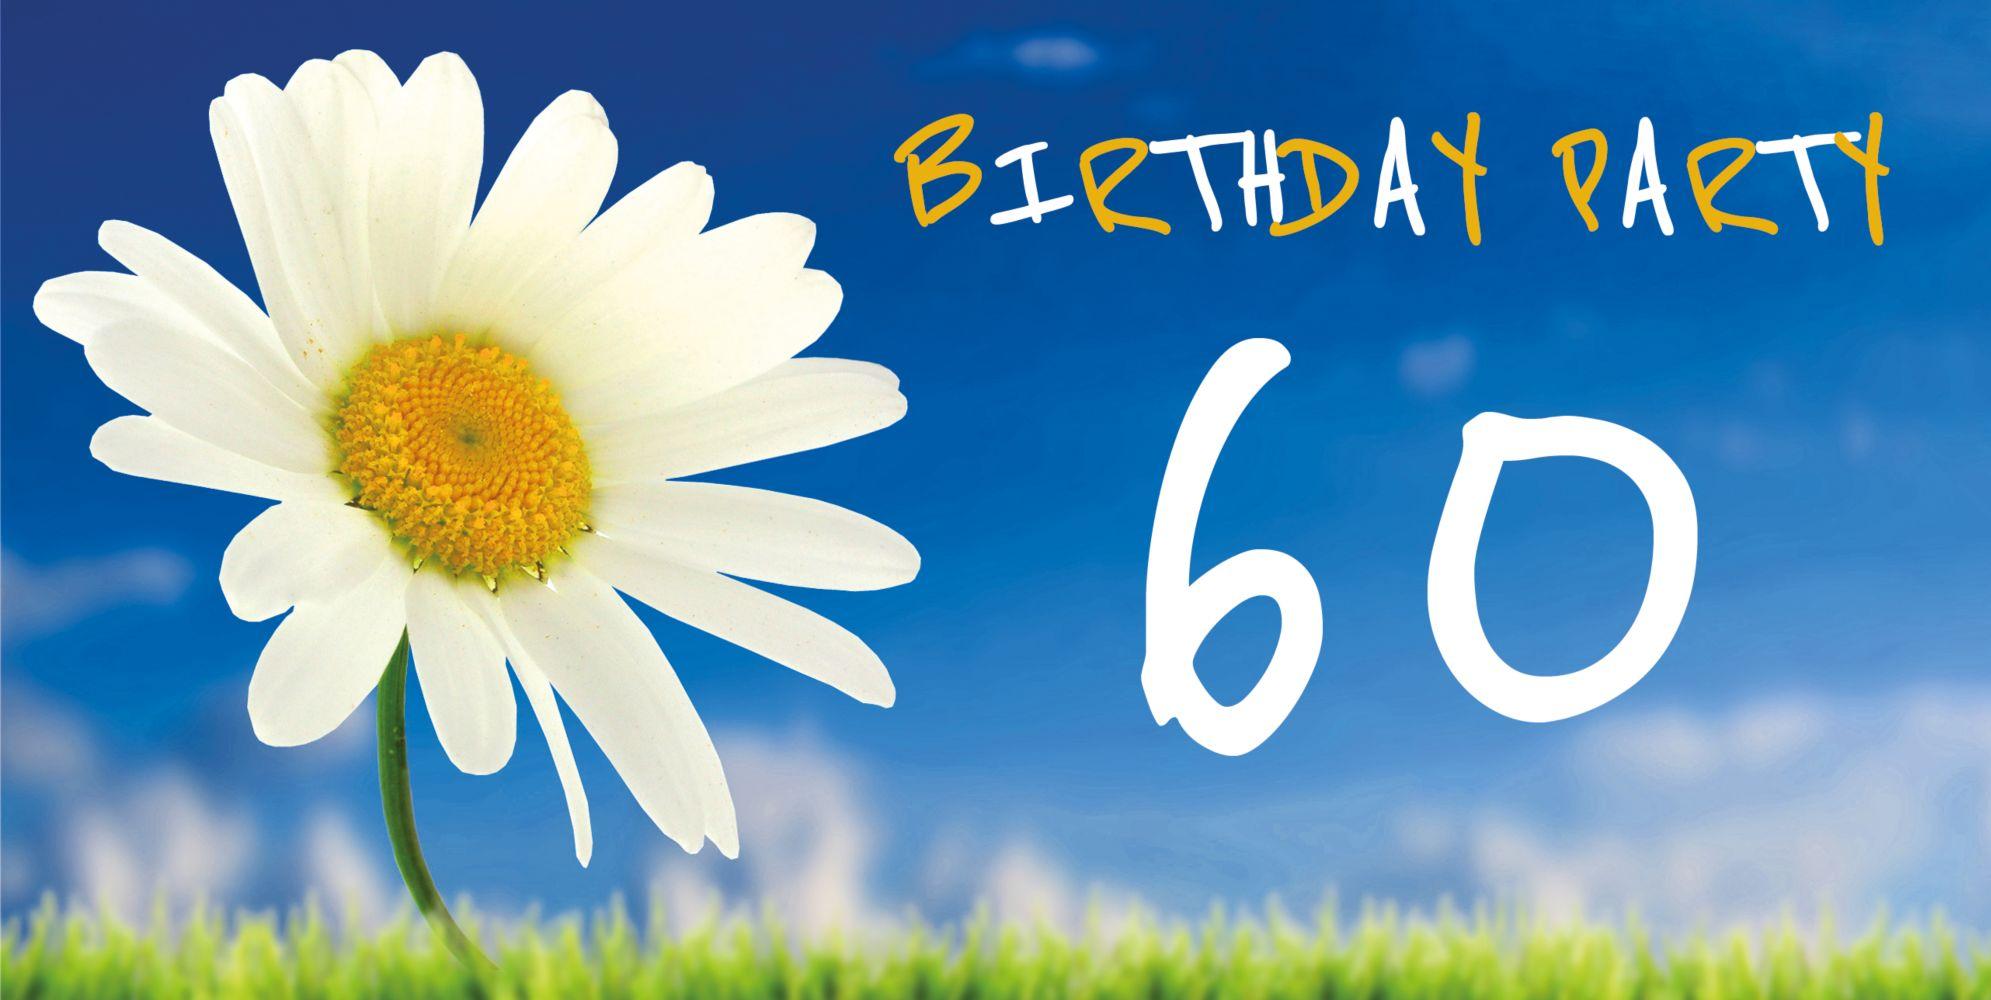 Ansicht 3 - Geburtstagseinladung Lebensfreude 60